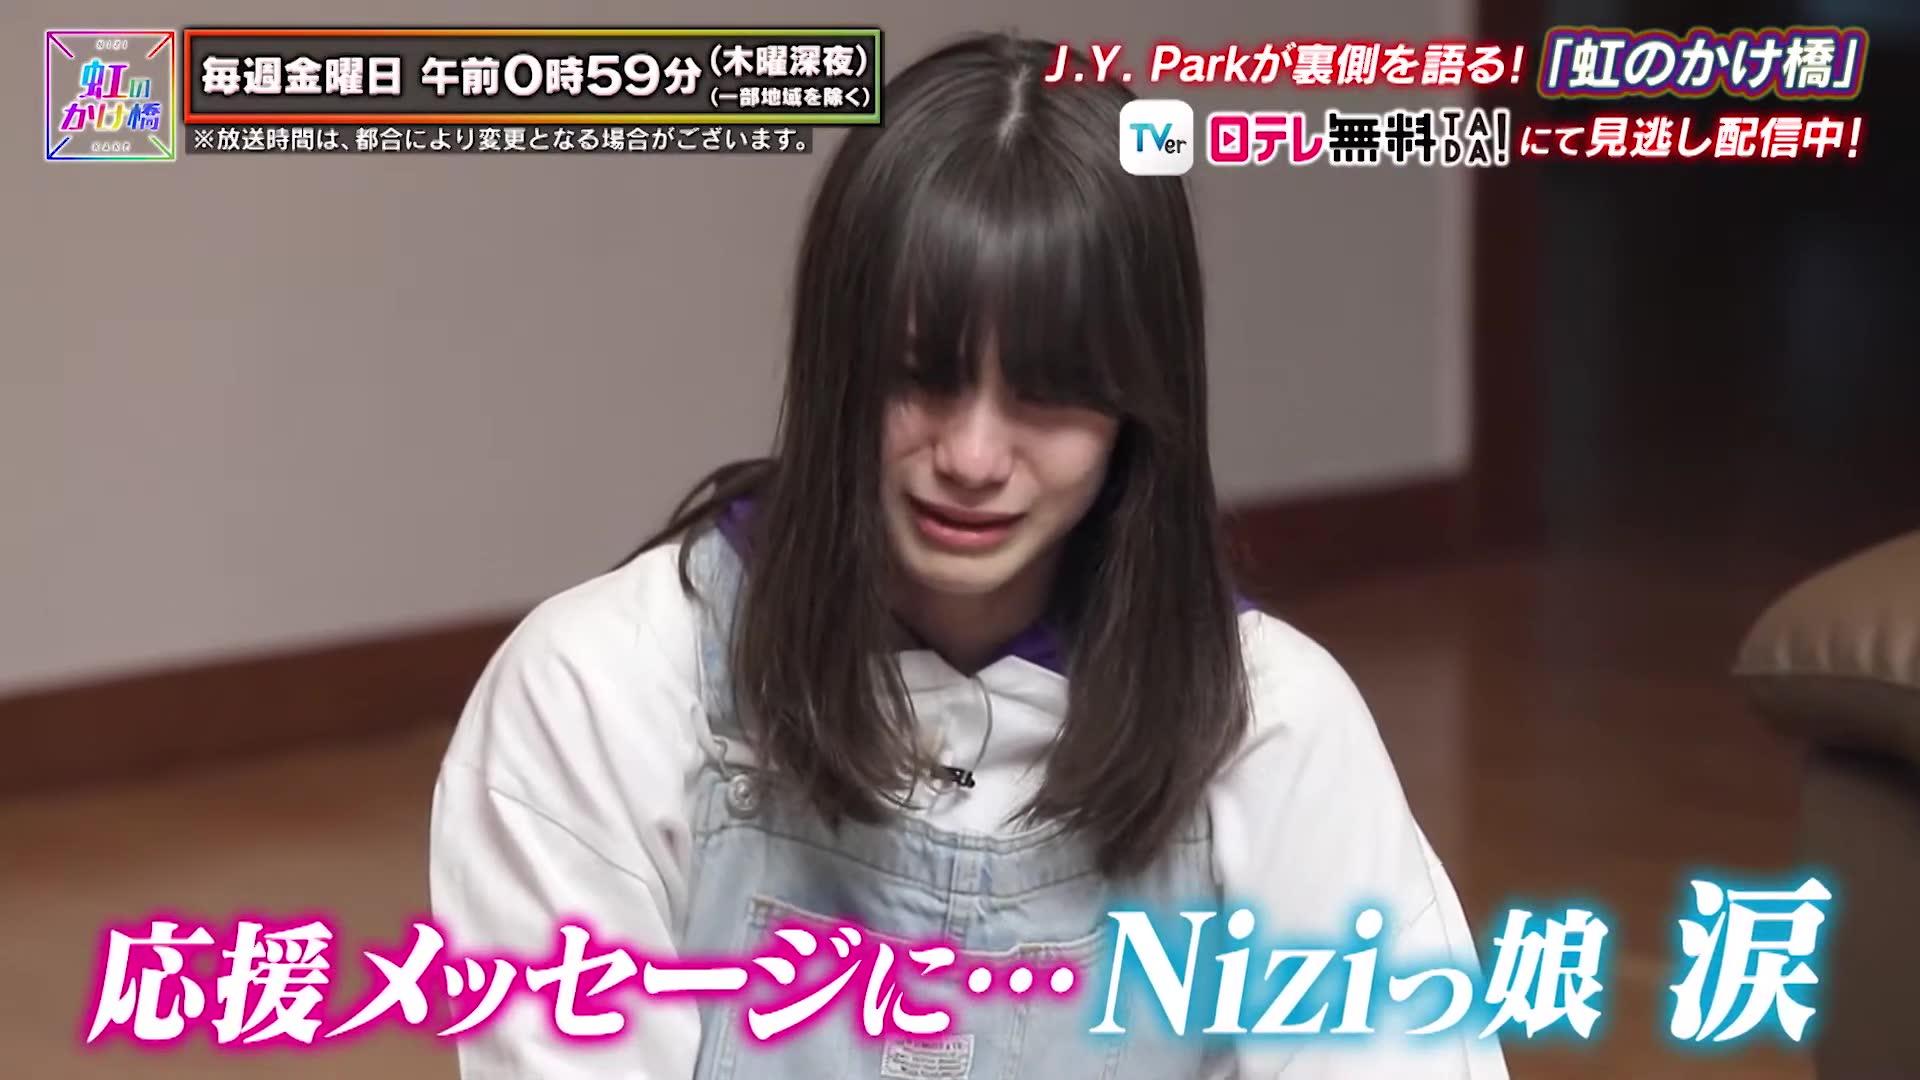 日 架け橋 虹 の 放送